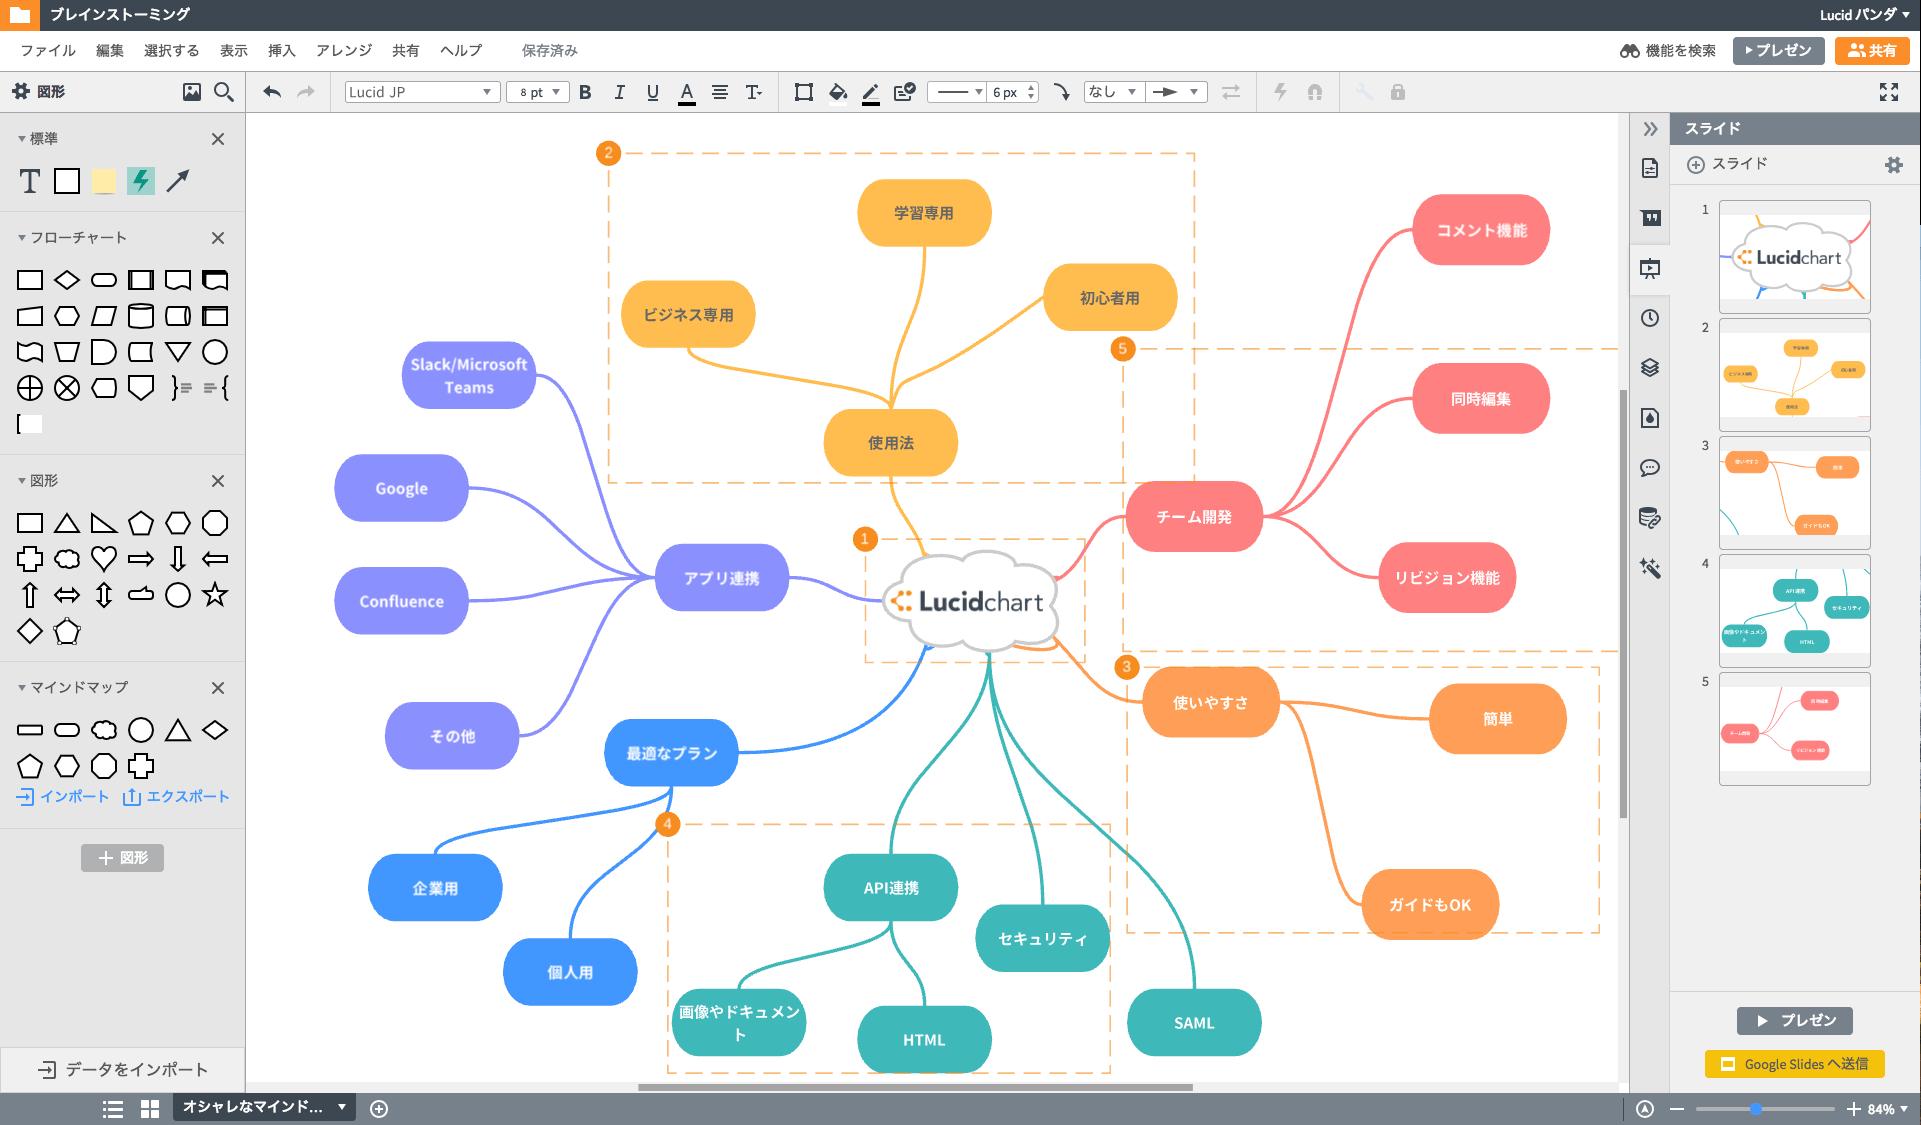 マインドマップをプレゼンテーションツールで表示